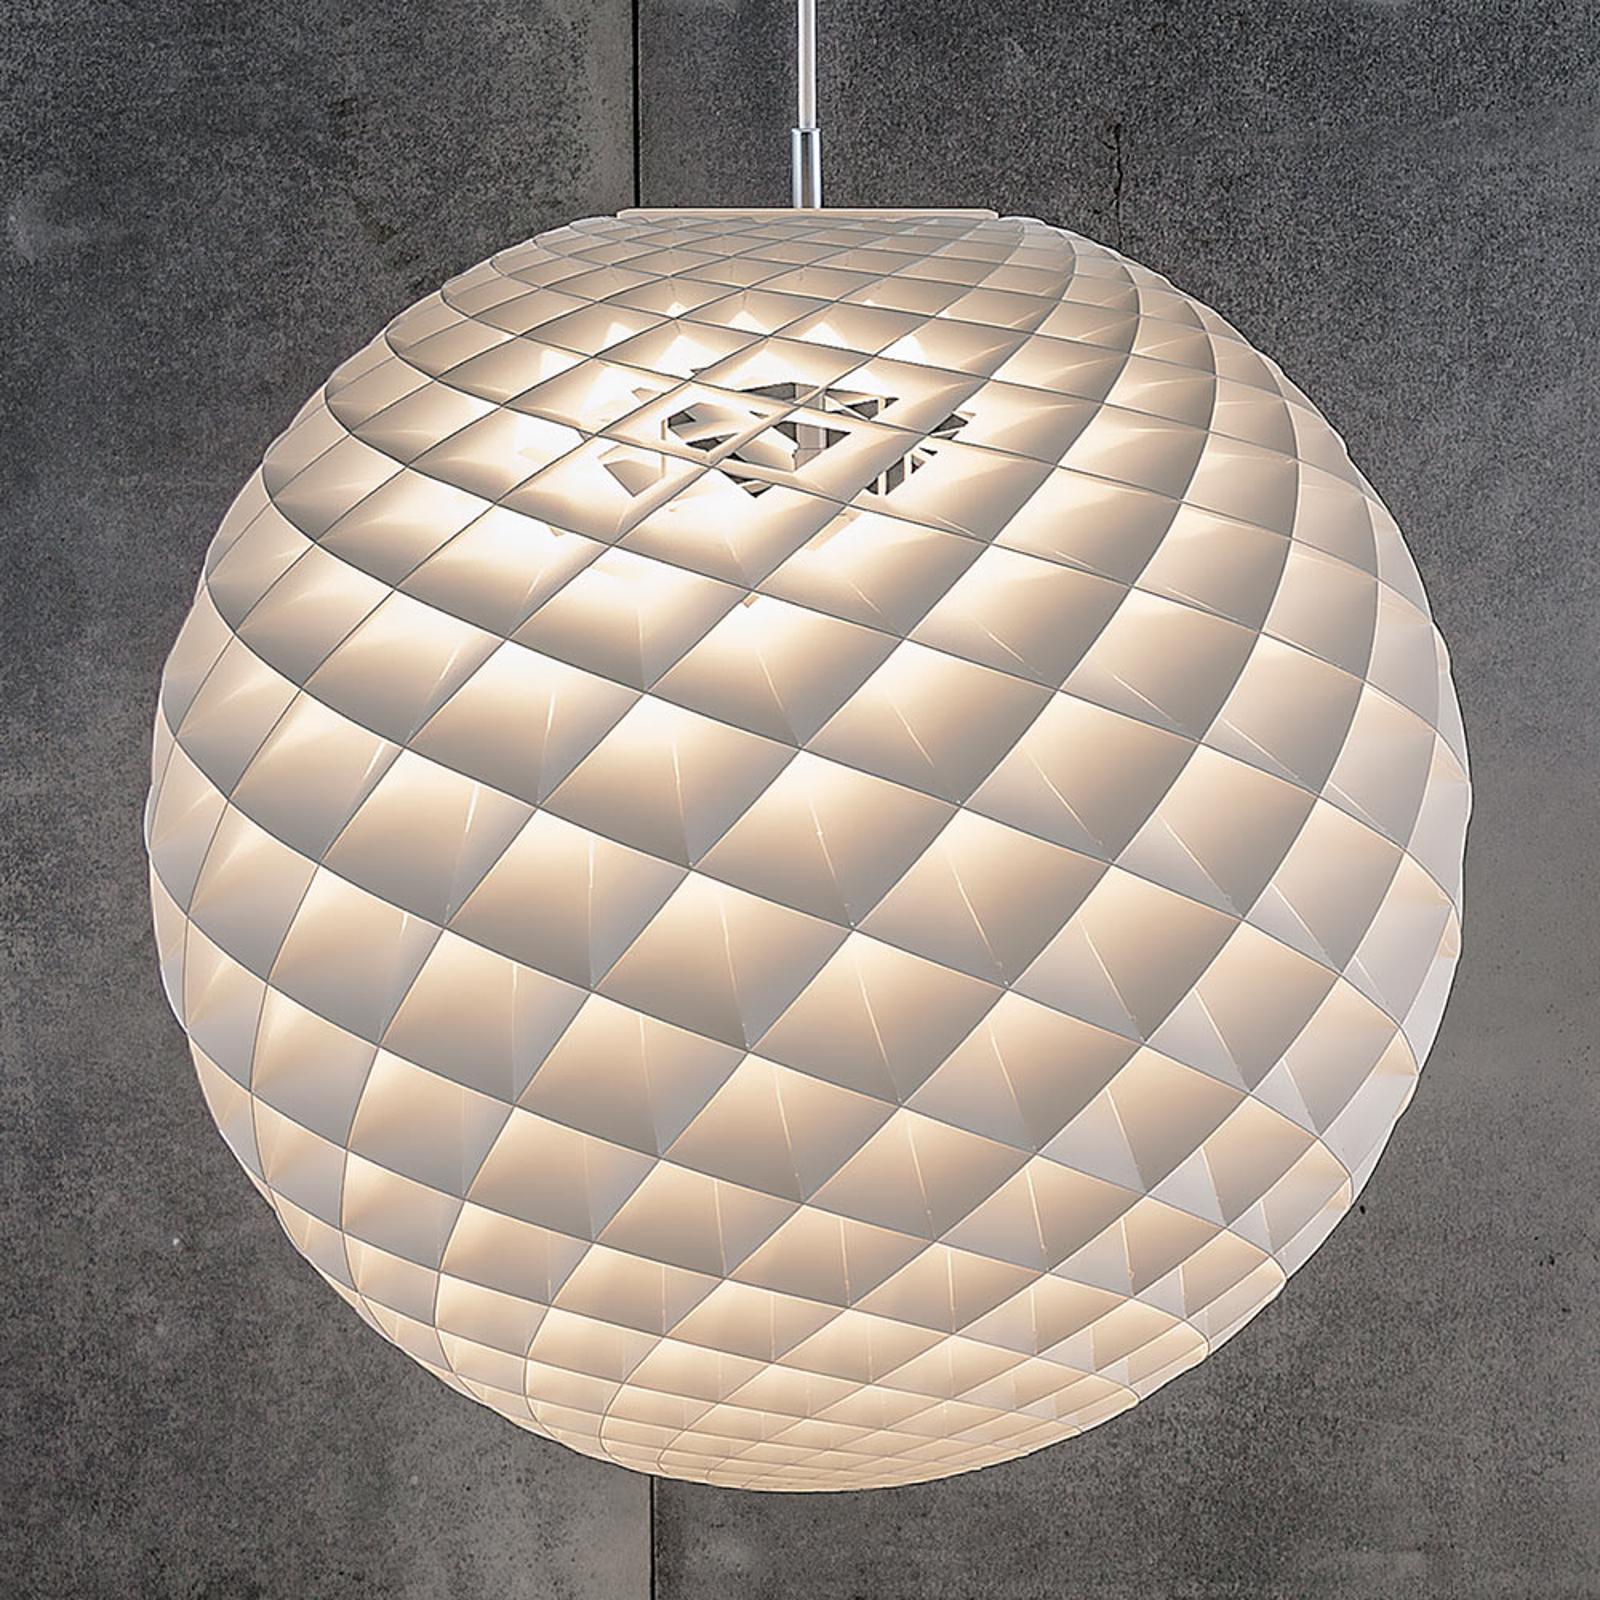 Design hanglamp Patera, diameter 60 cm